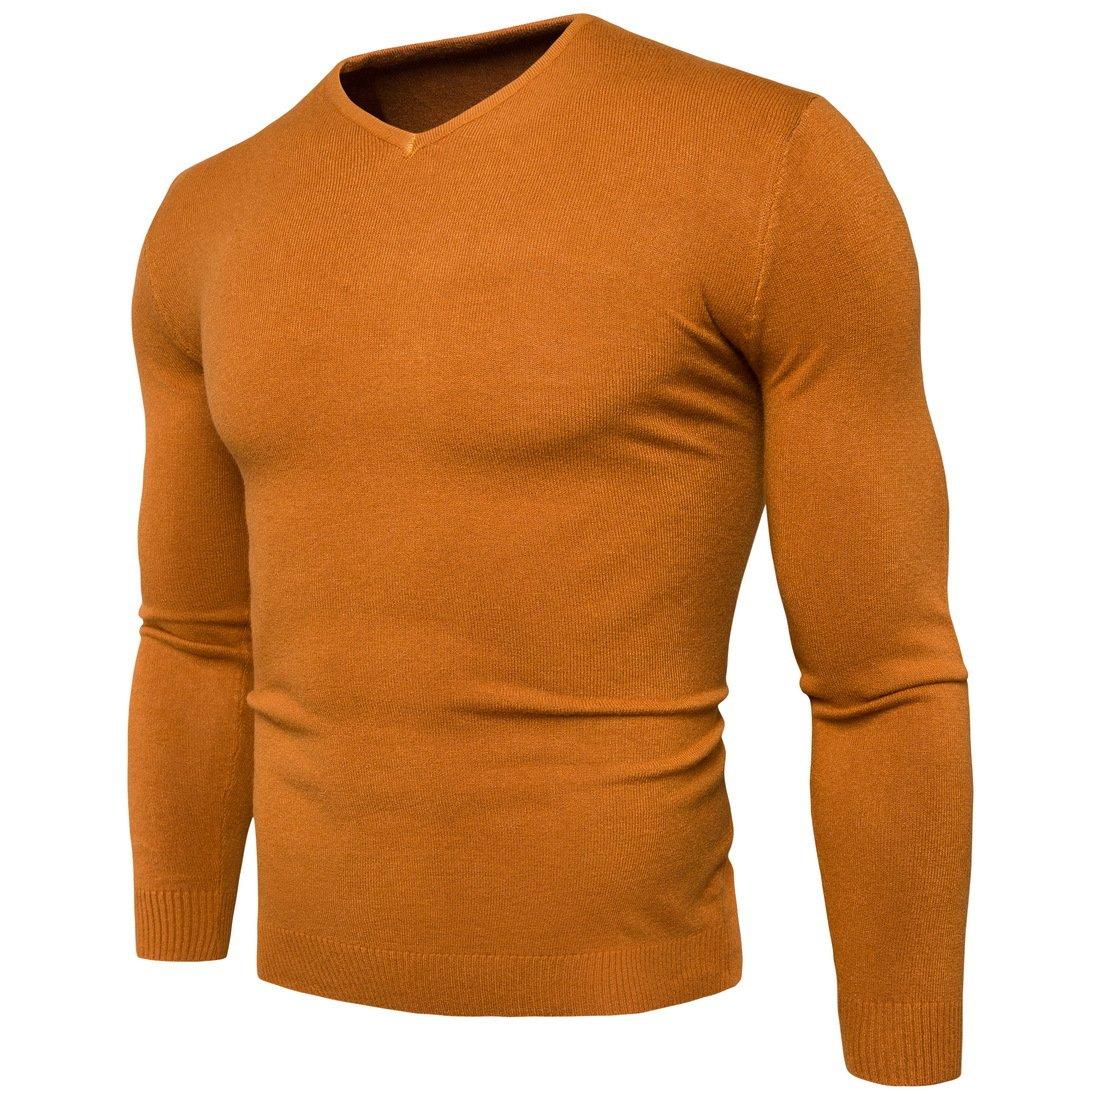 HY-Sweater Langarm Knit Pullover Herbst und Winter's Pullover Männer Männer Männer Pullover mit V-Ausschnitt Sau V für Freizeitaktivitäten B077RG6M36 Jacken Internationaler großer Name c8aa6f